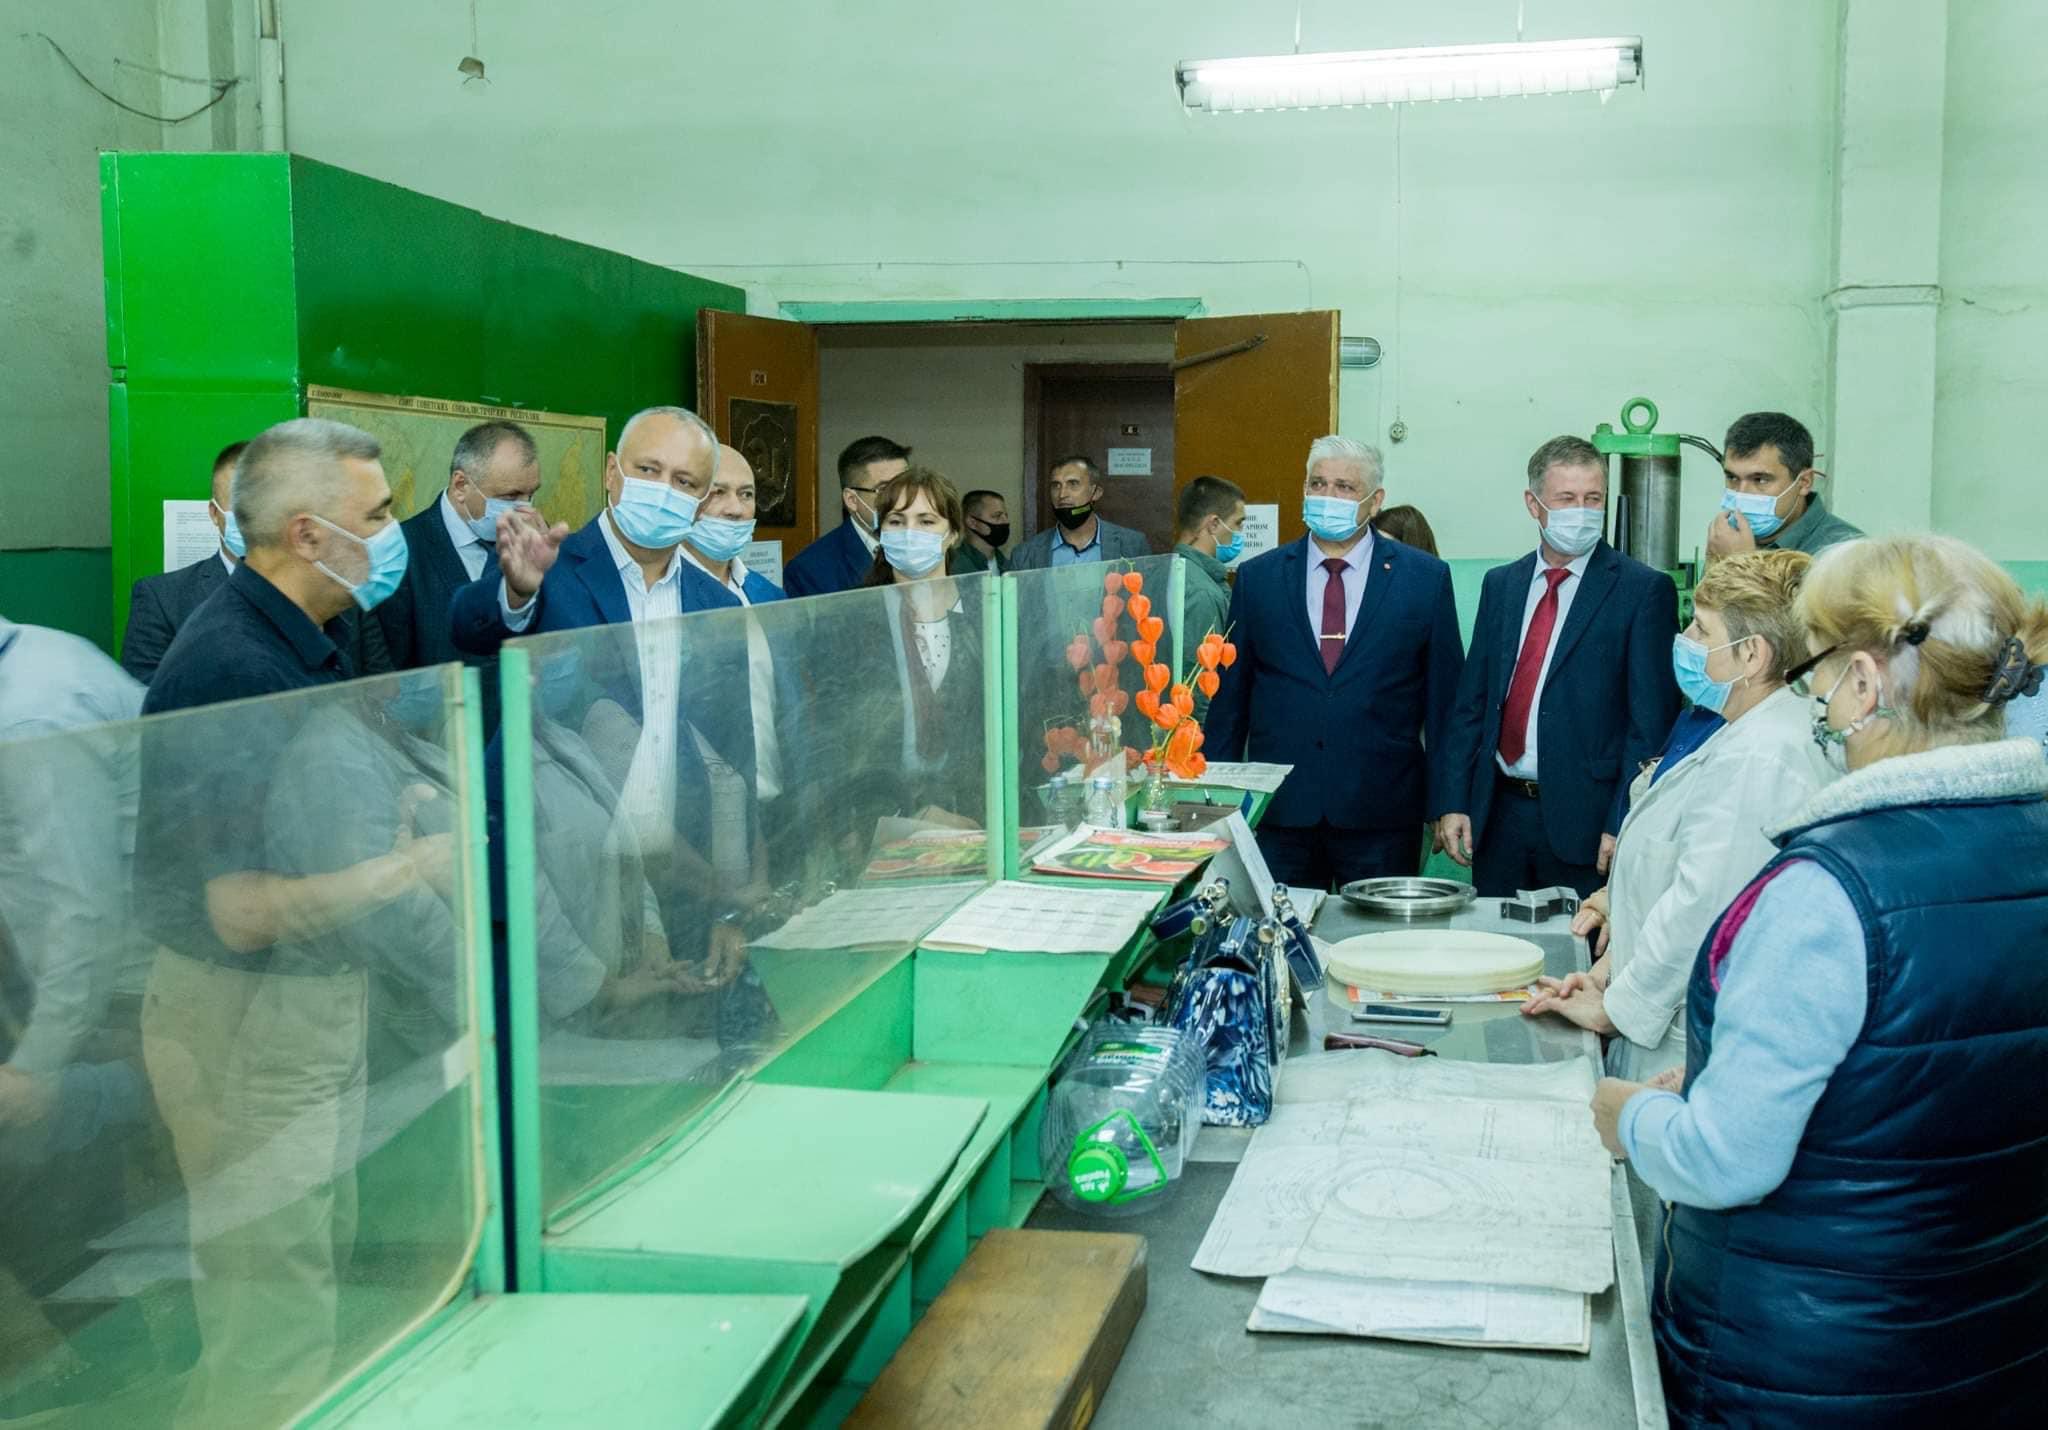 Глава государства приложит усилия для поиска инвесторов с целью развития бельцкого НИИ «RIF ACVAAPARAT» (ФОТО, ВИДЕО)